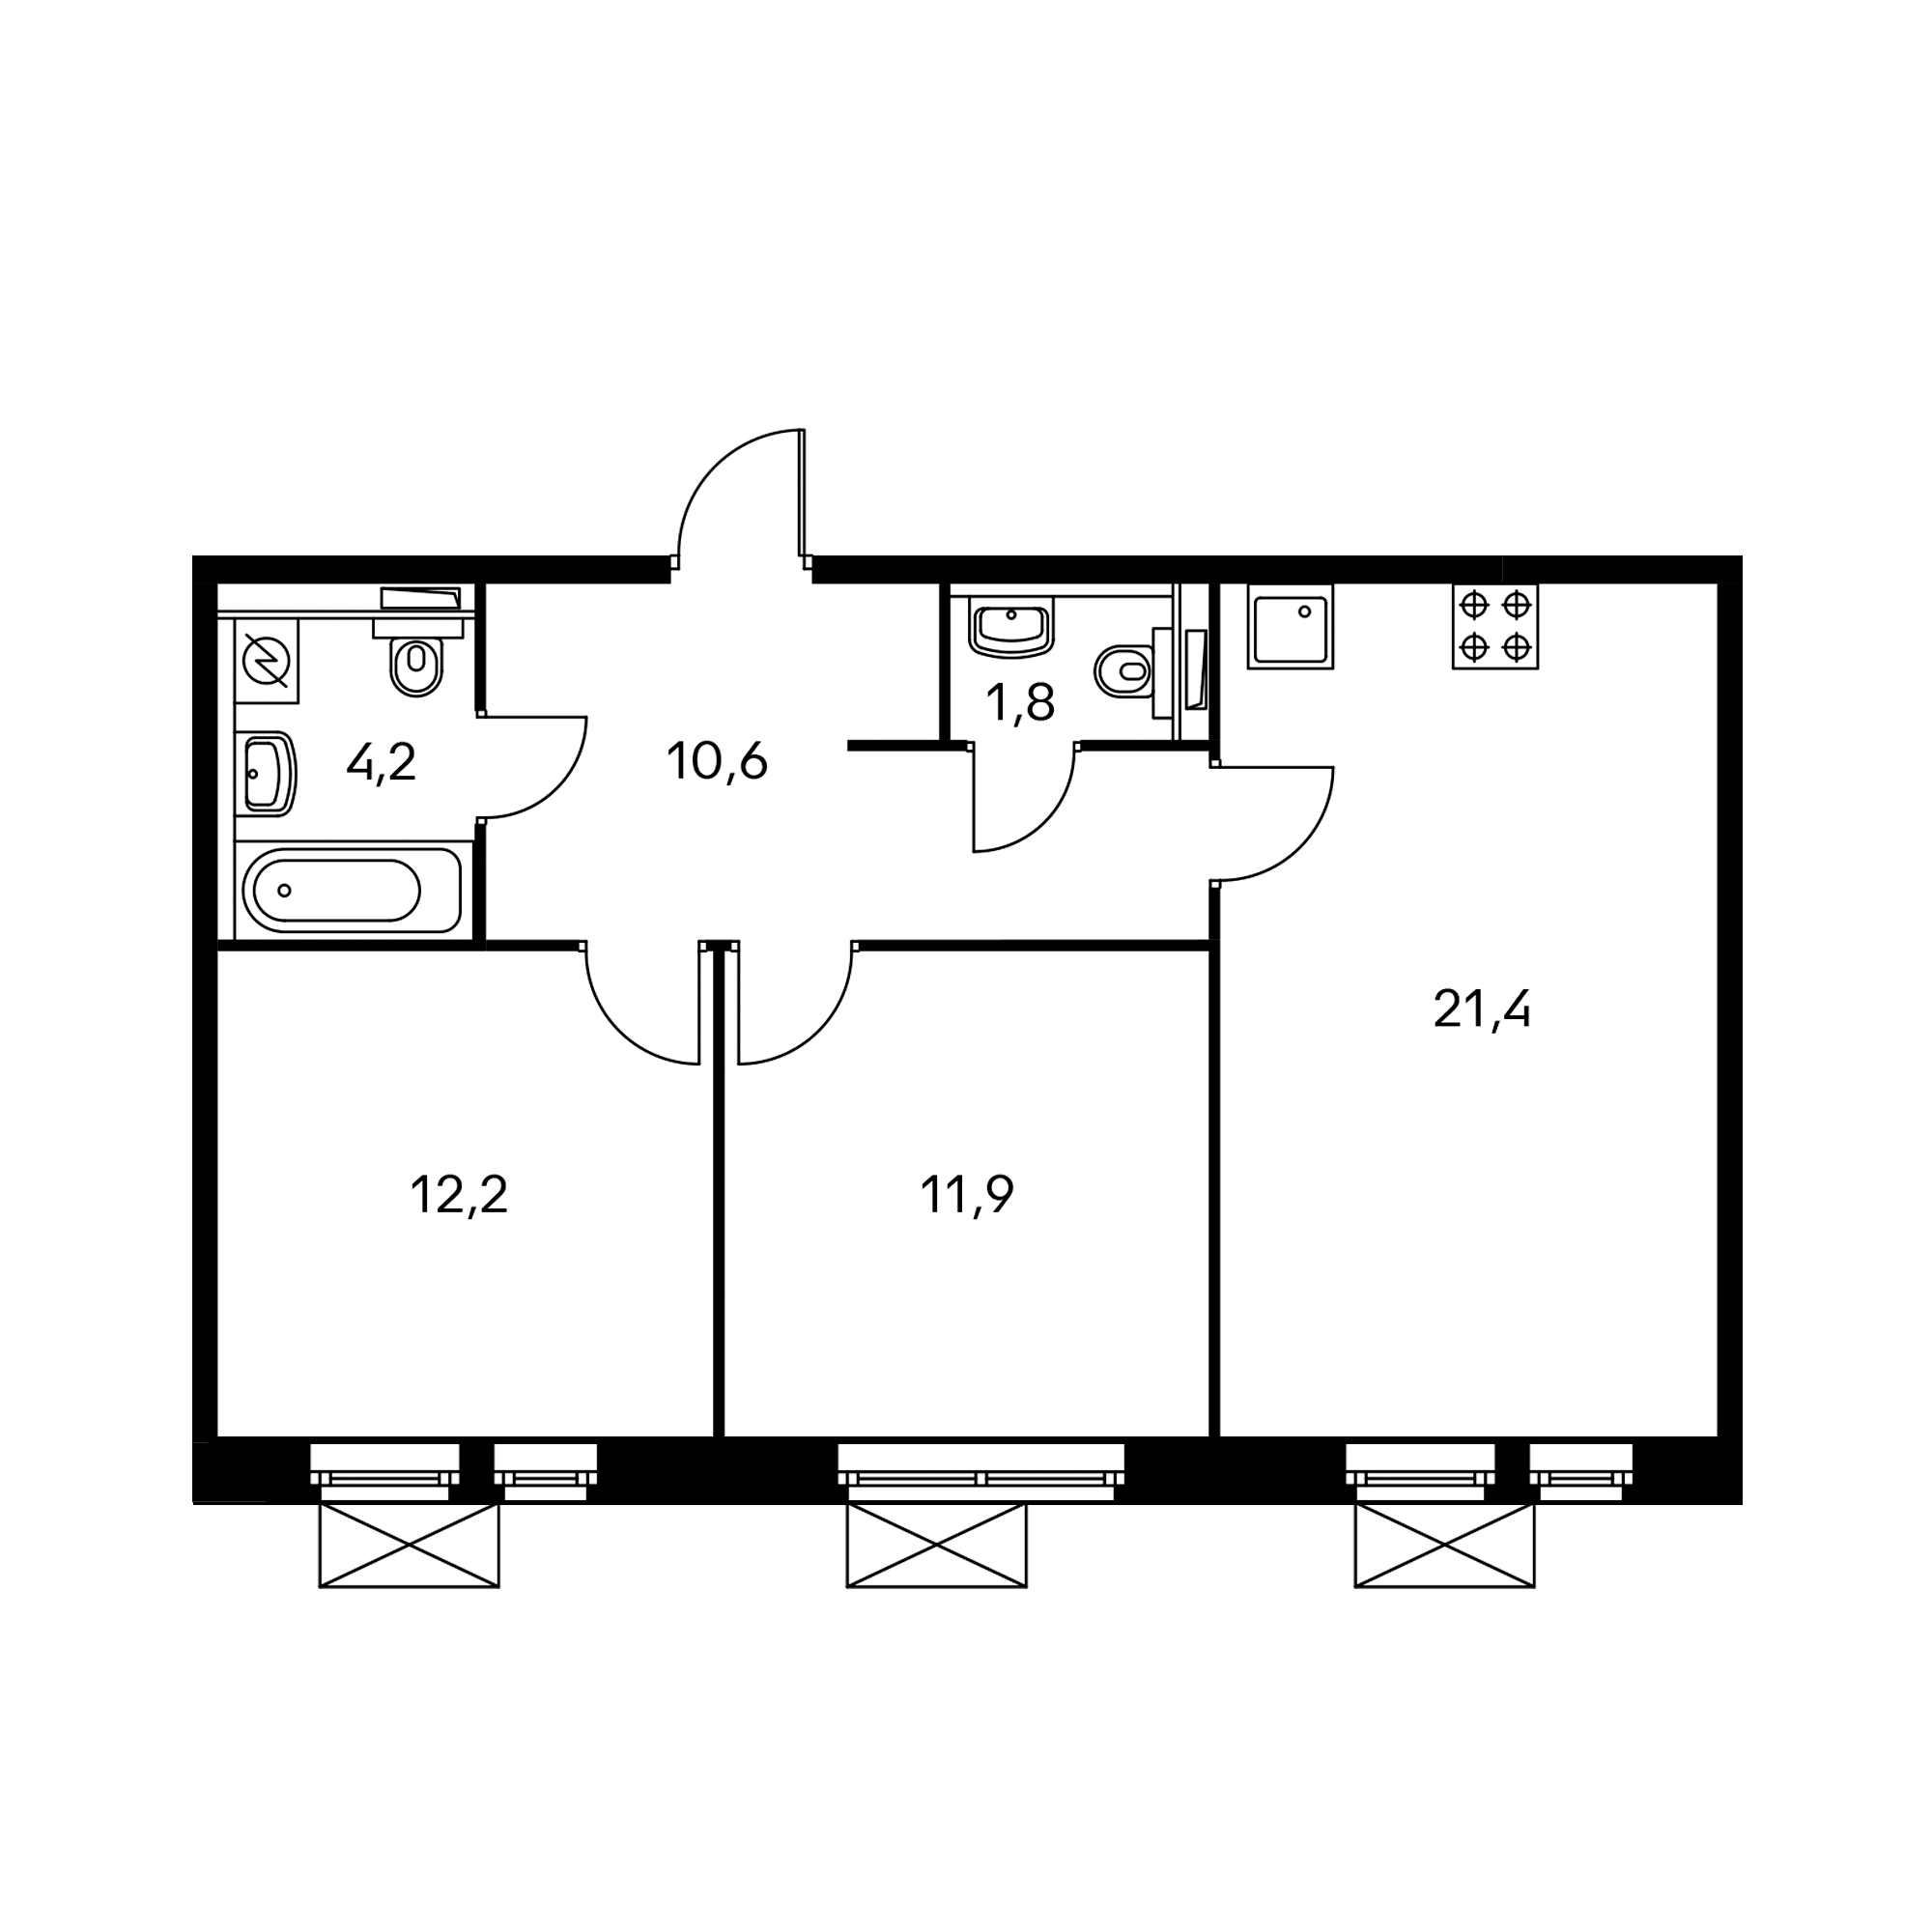 2EL8_10.8-1_S_A1